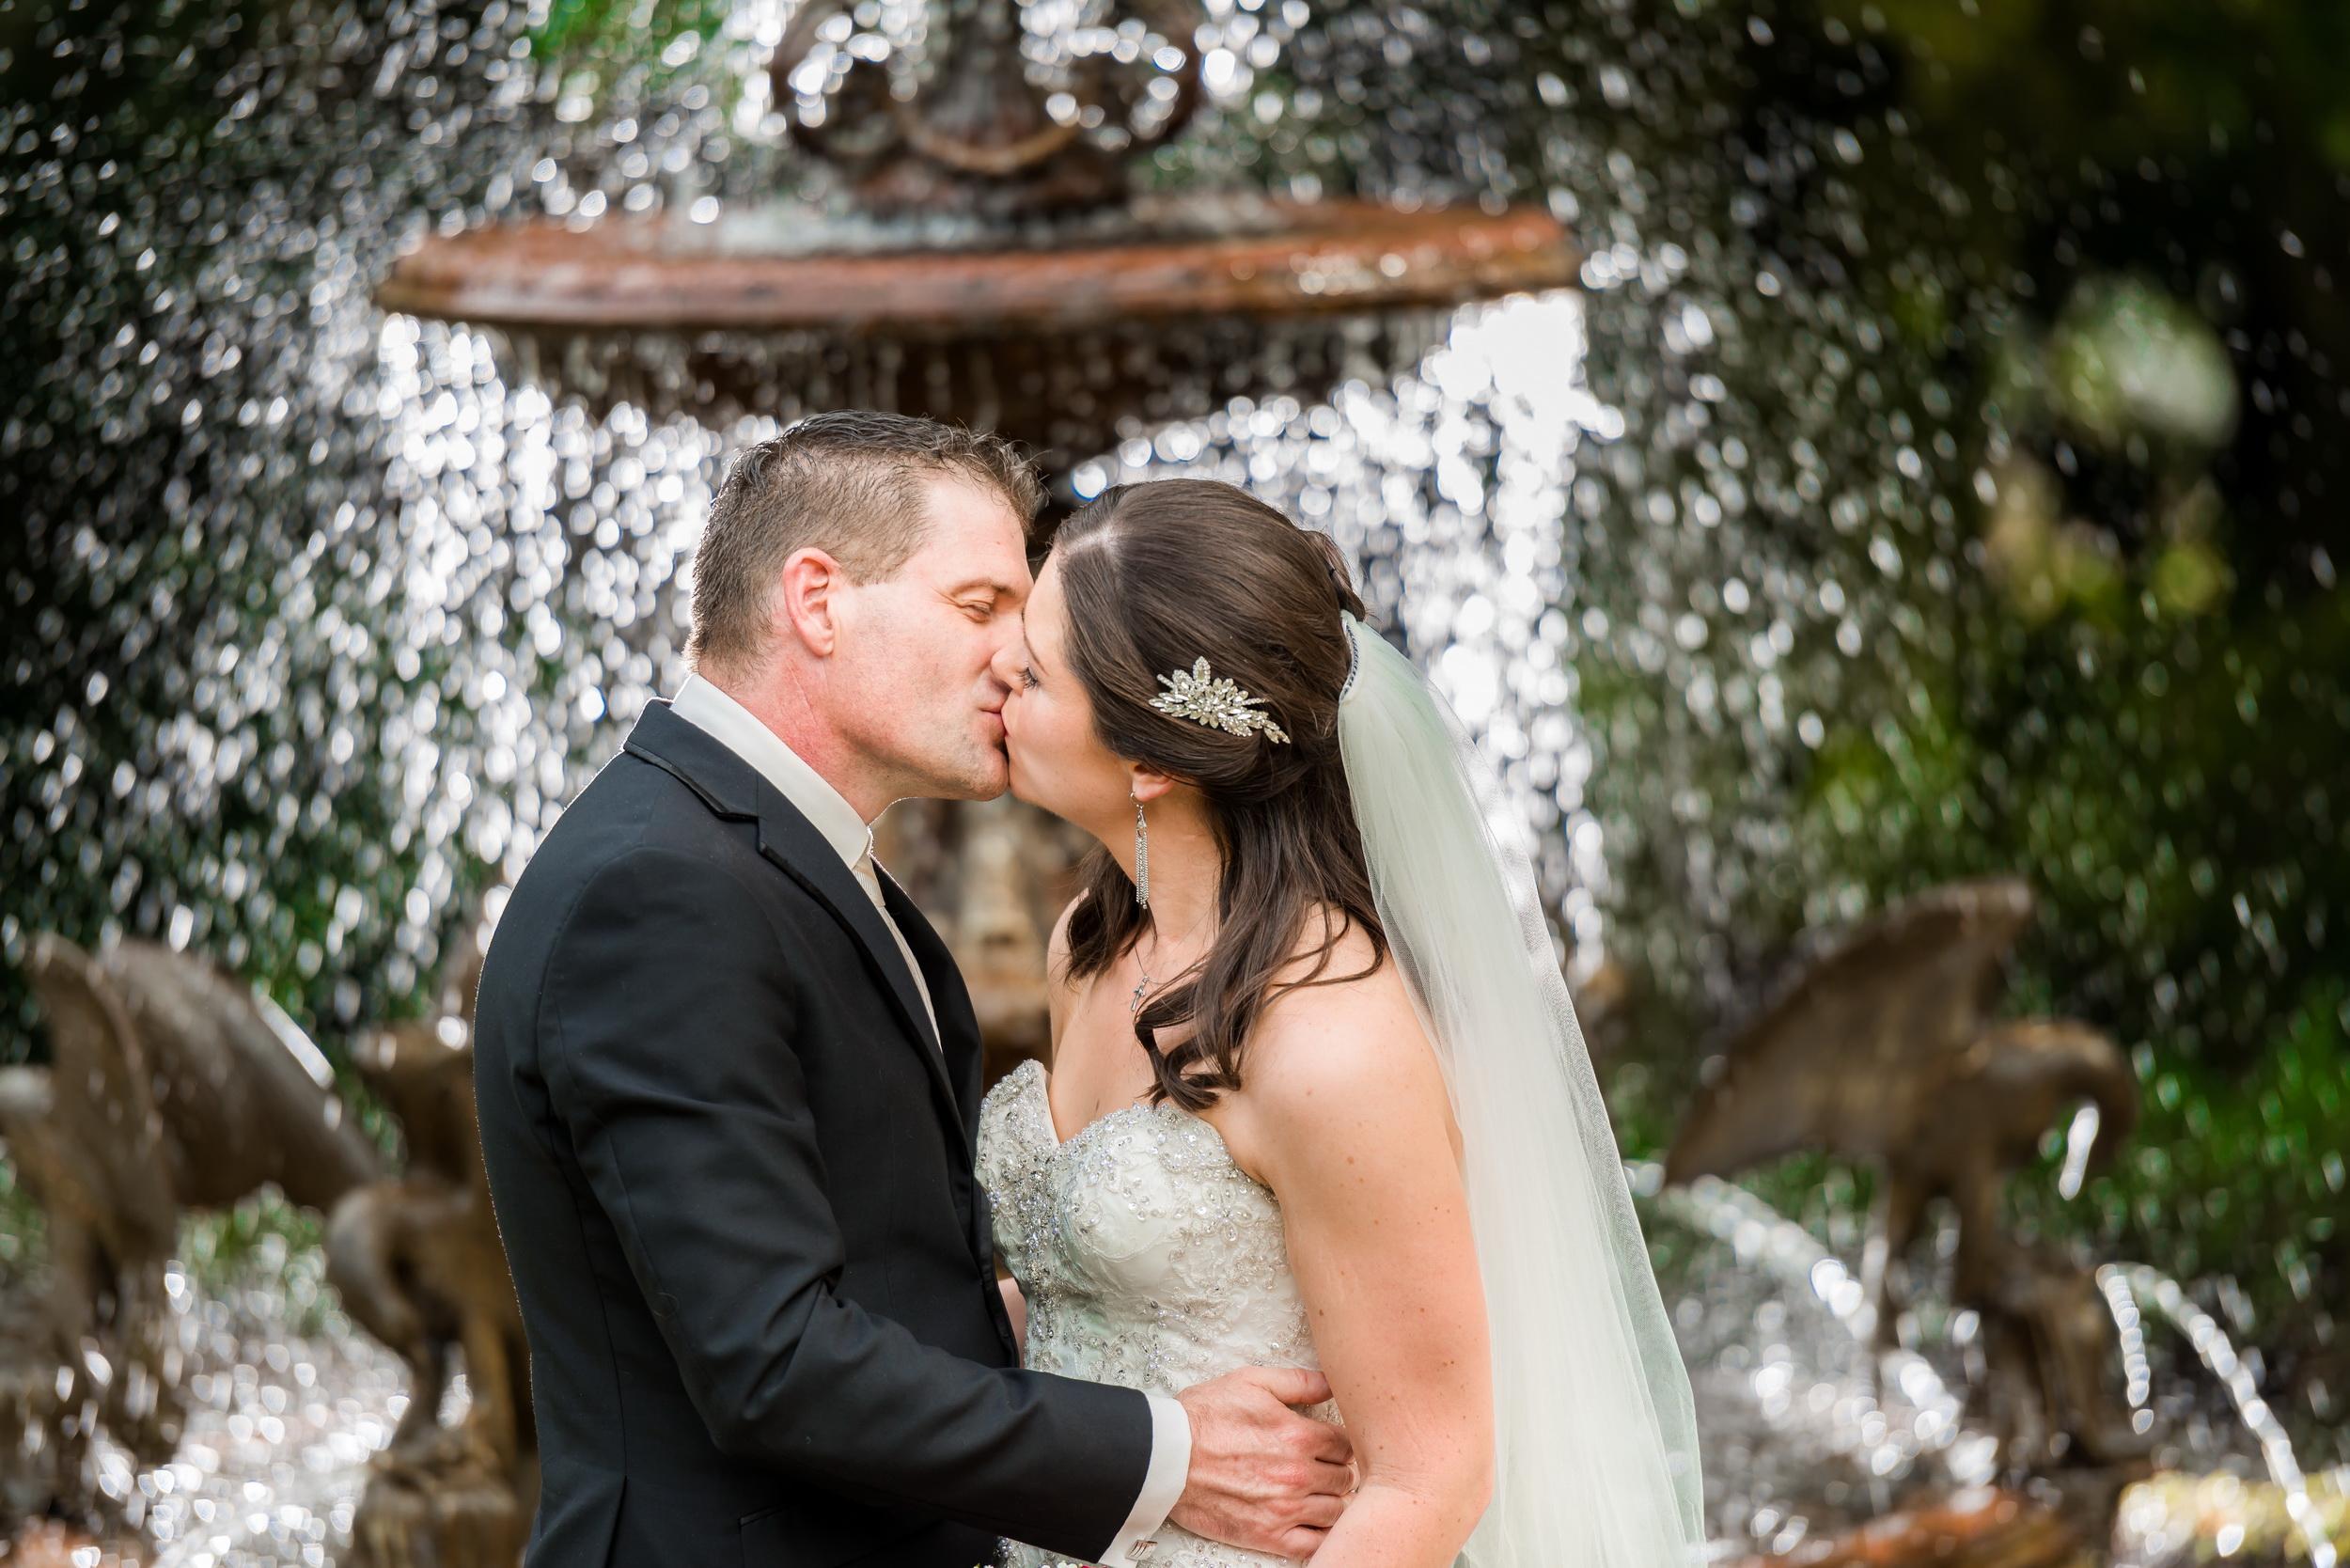 Berwick wedding images